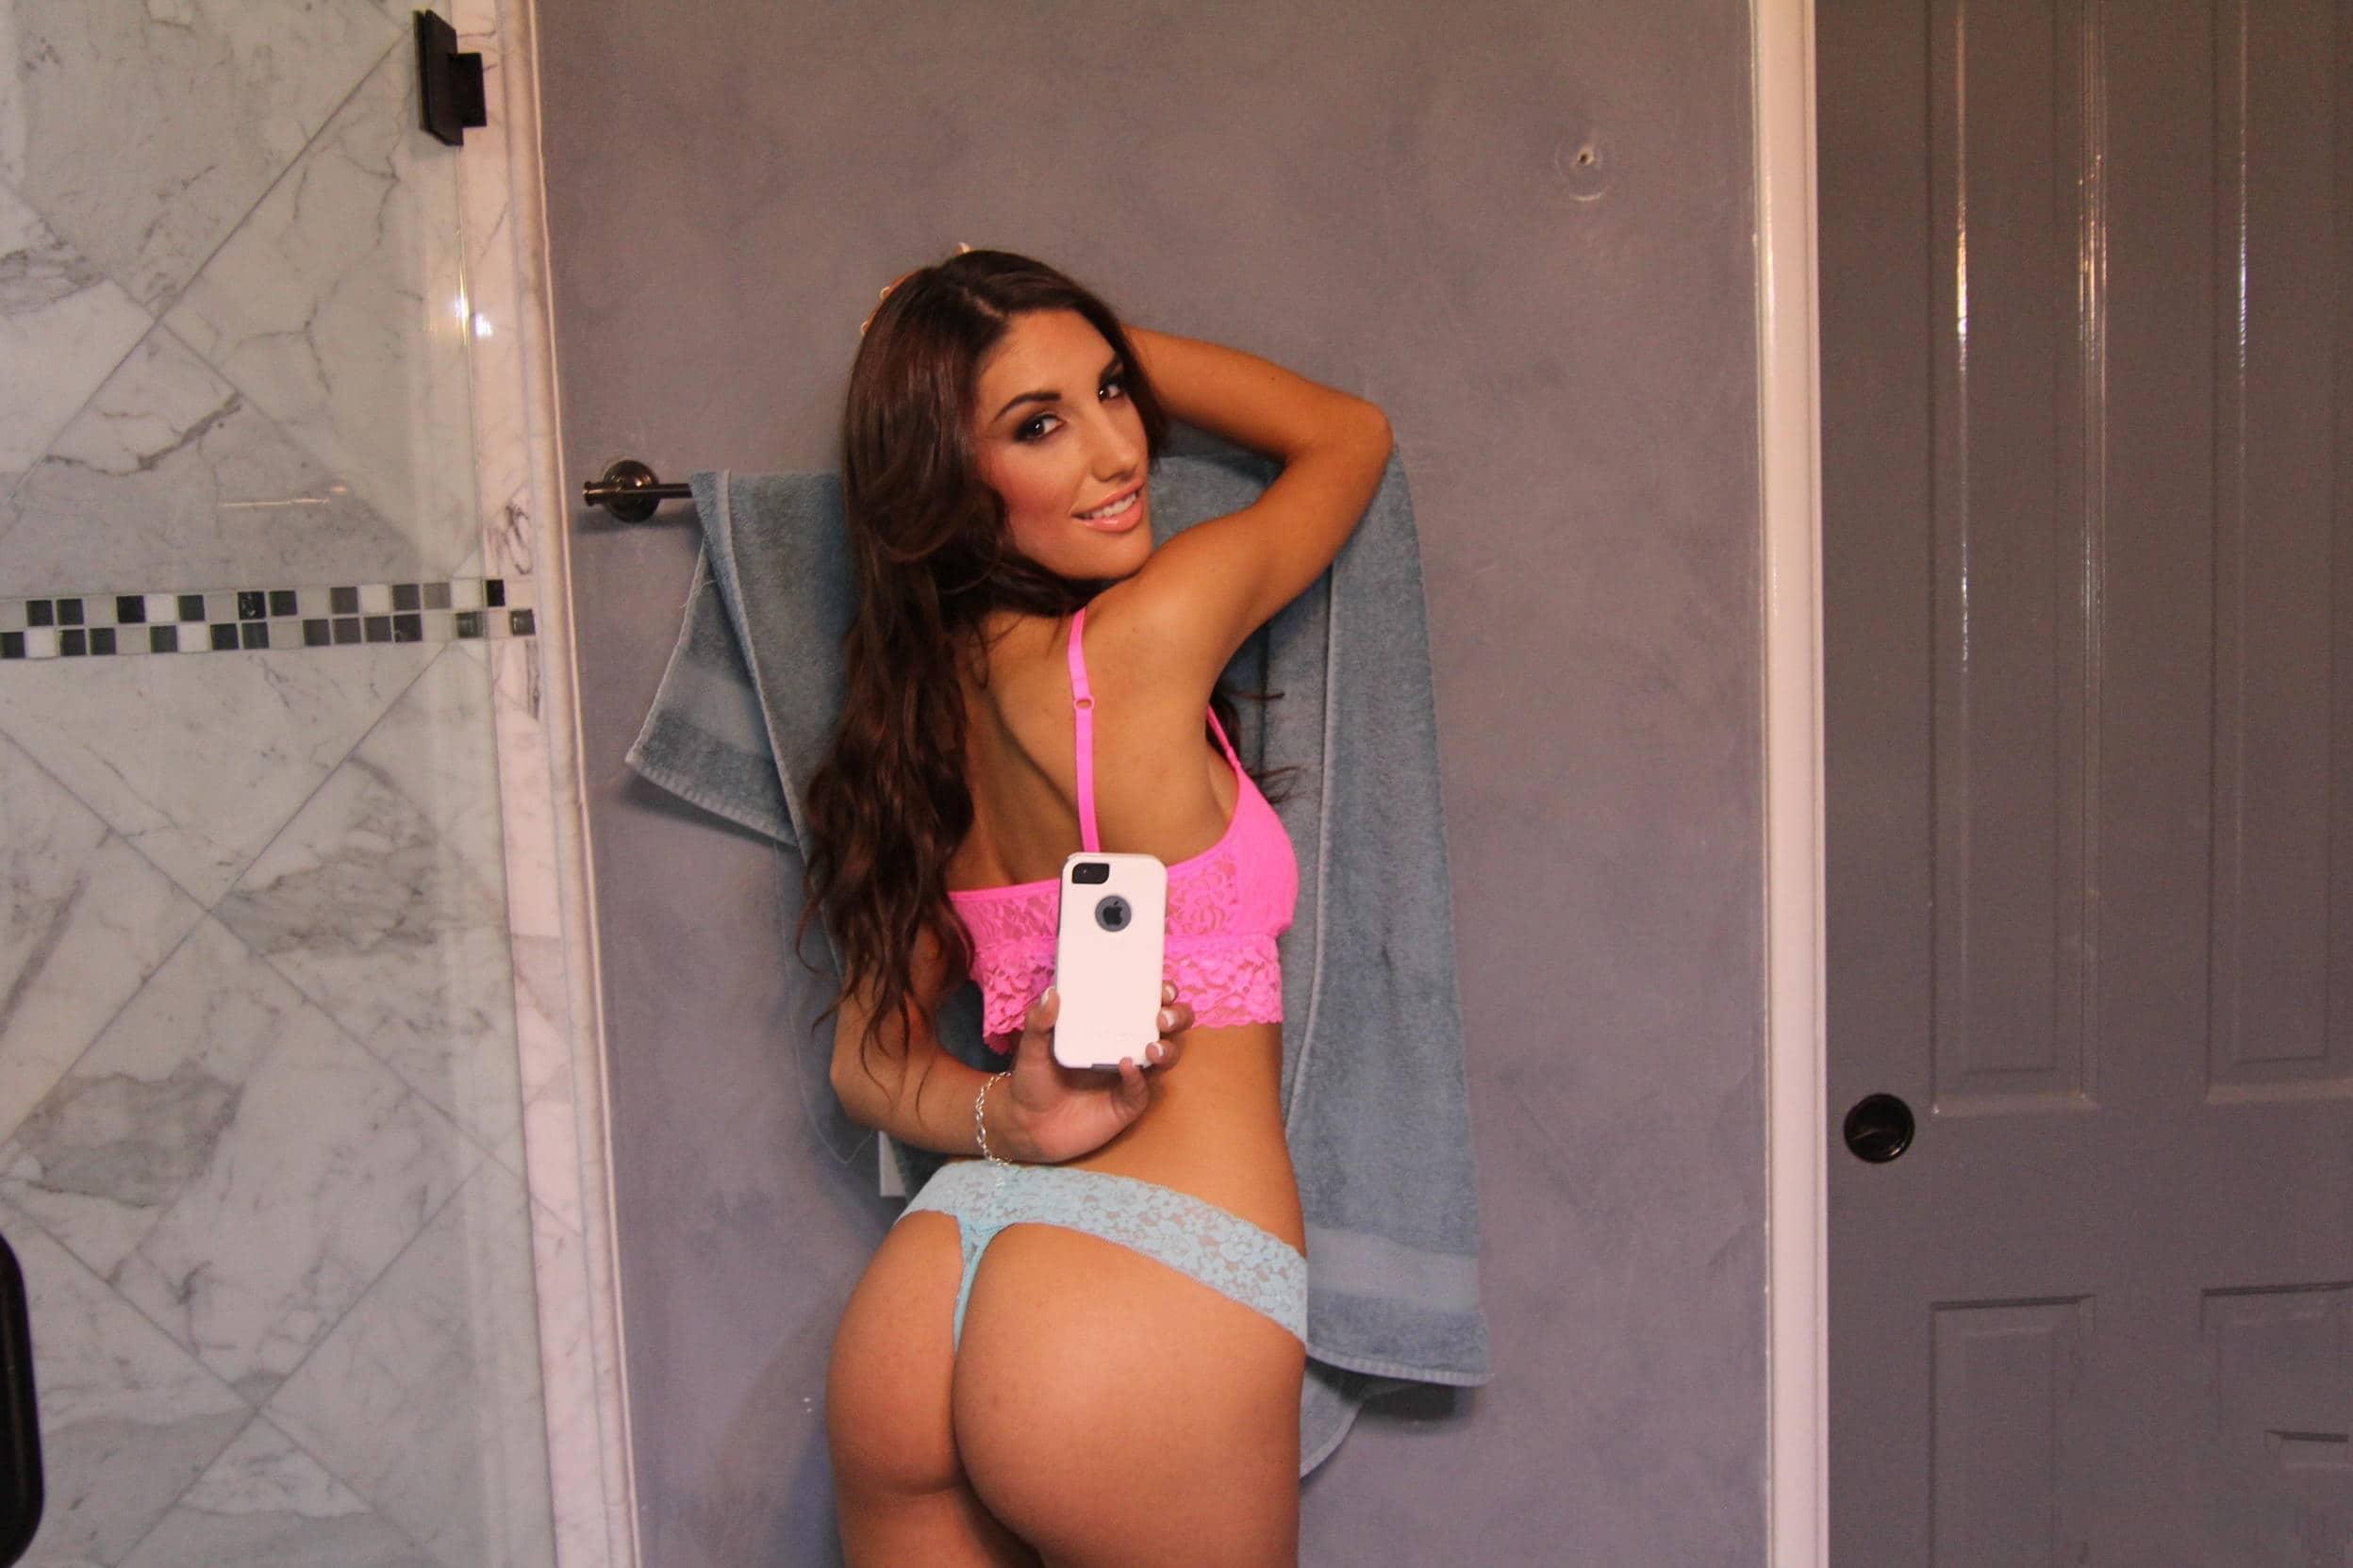 Una selfie de ella y de su cola